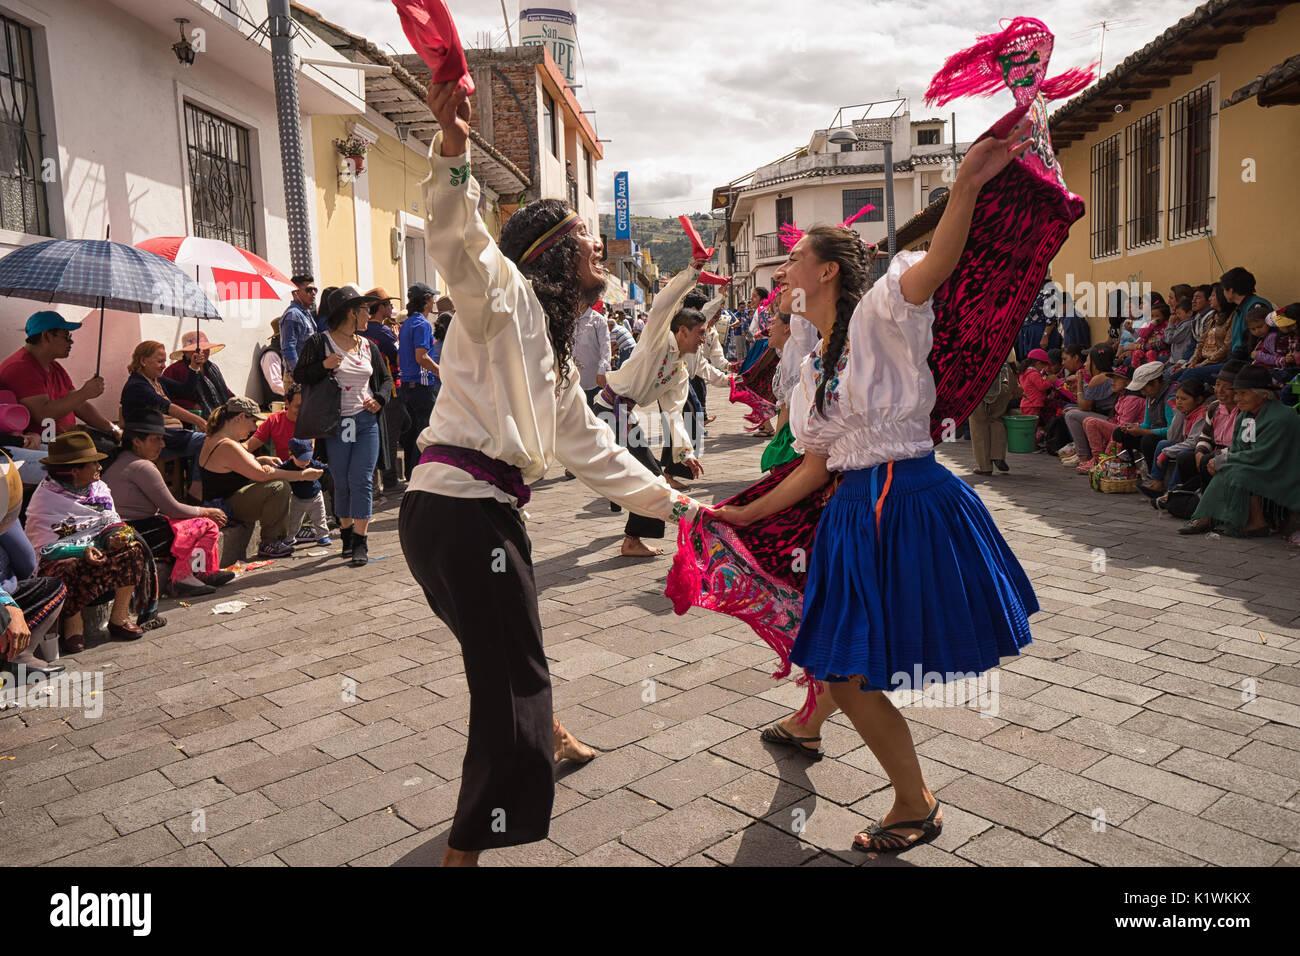 El 17 de junio de 2017, Ecuador: Pujili bailarines callejeros tocando en ropa tradicional durante el Corpus Christi Imagen De Stock